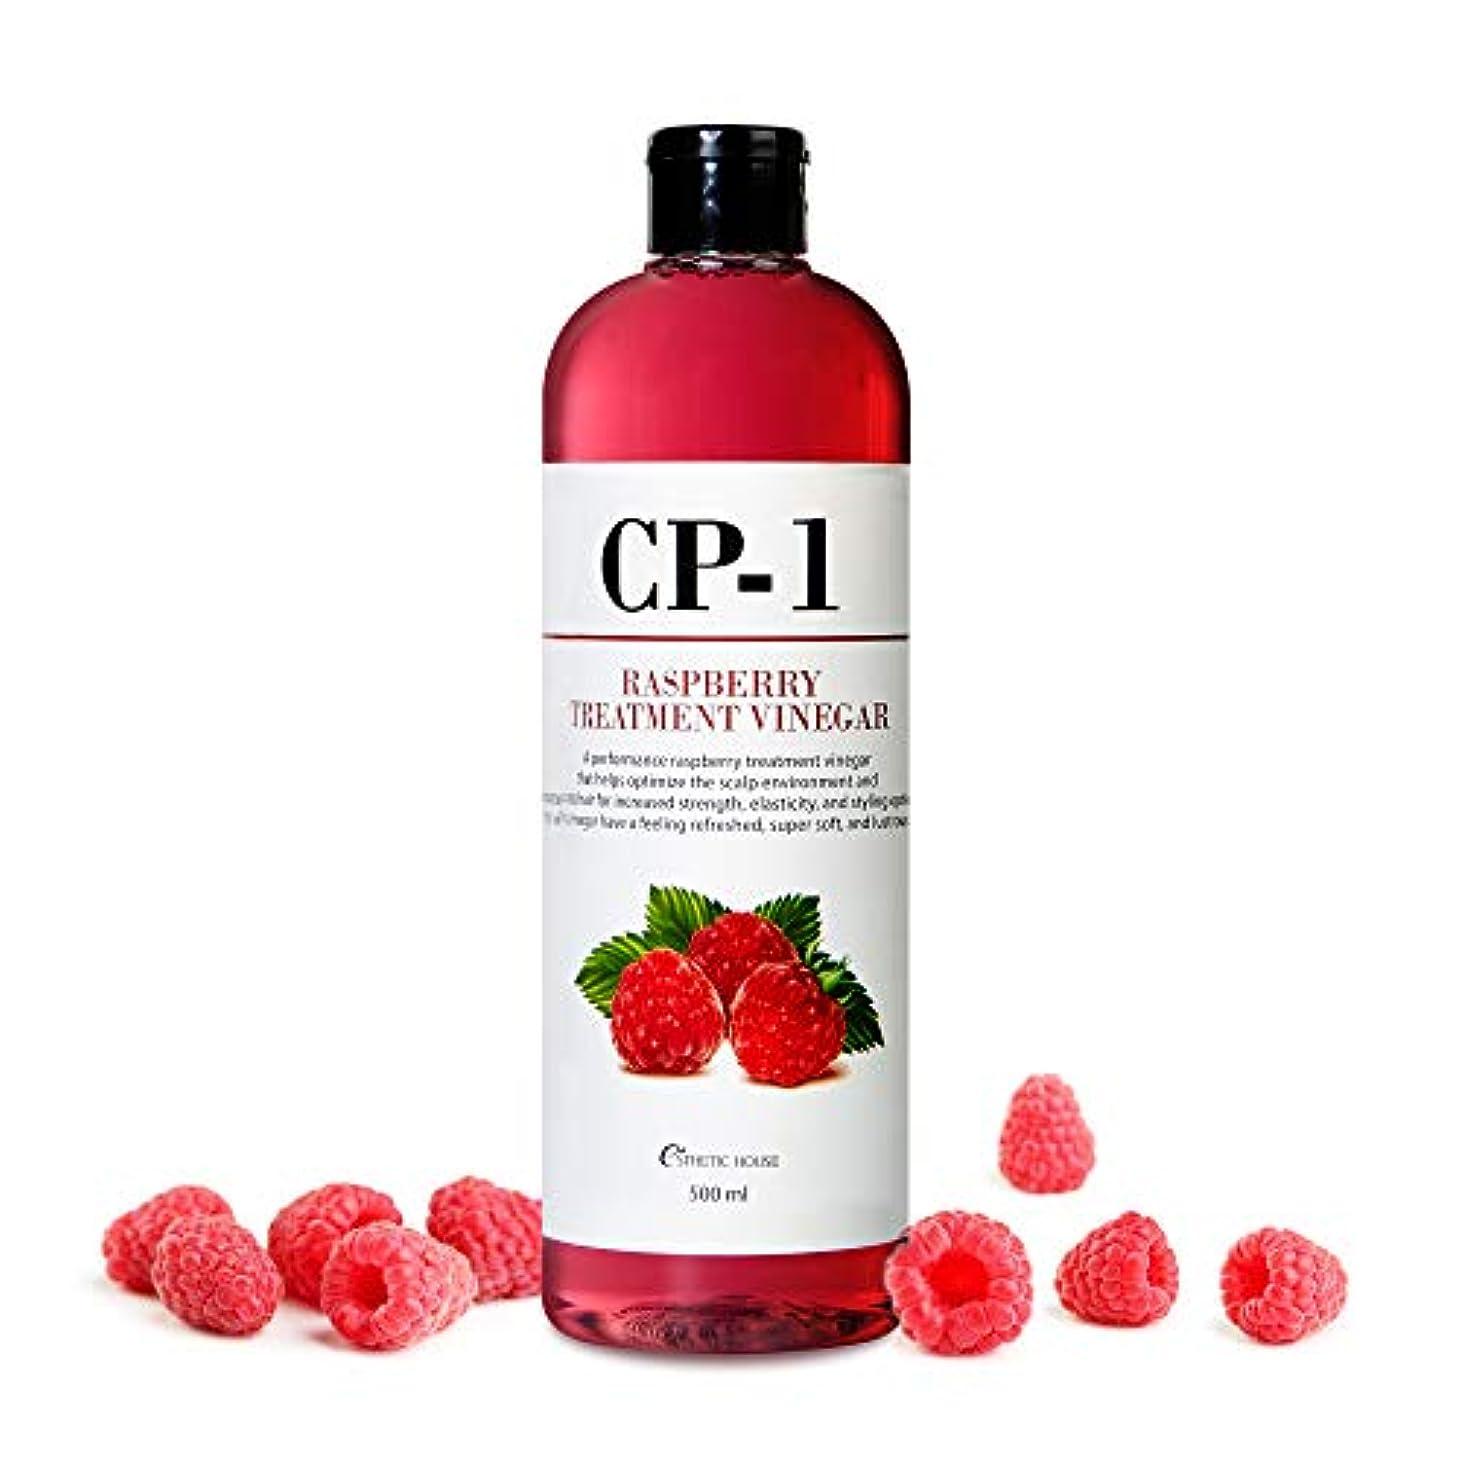 シャックルまた無実エステティックハウス[Esthetic House] CP-1 ラズベリートリートメントビネガー500ml (なだめるような)/ Rasberry Treatment Vinegar